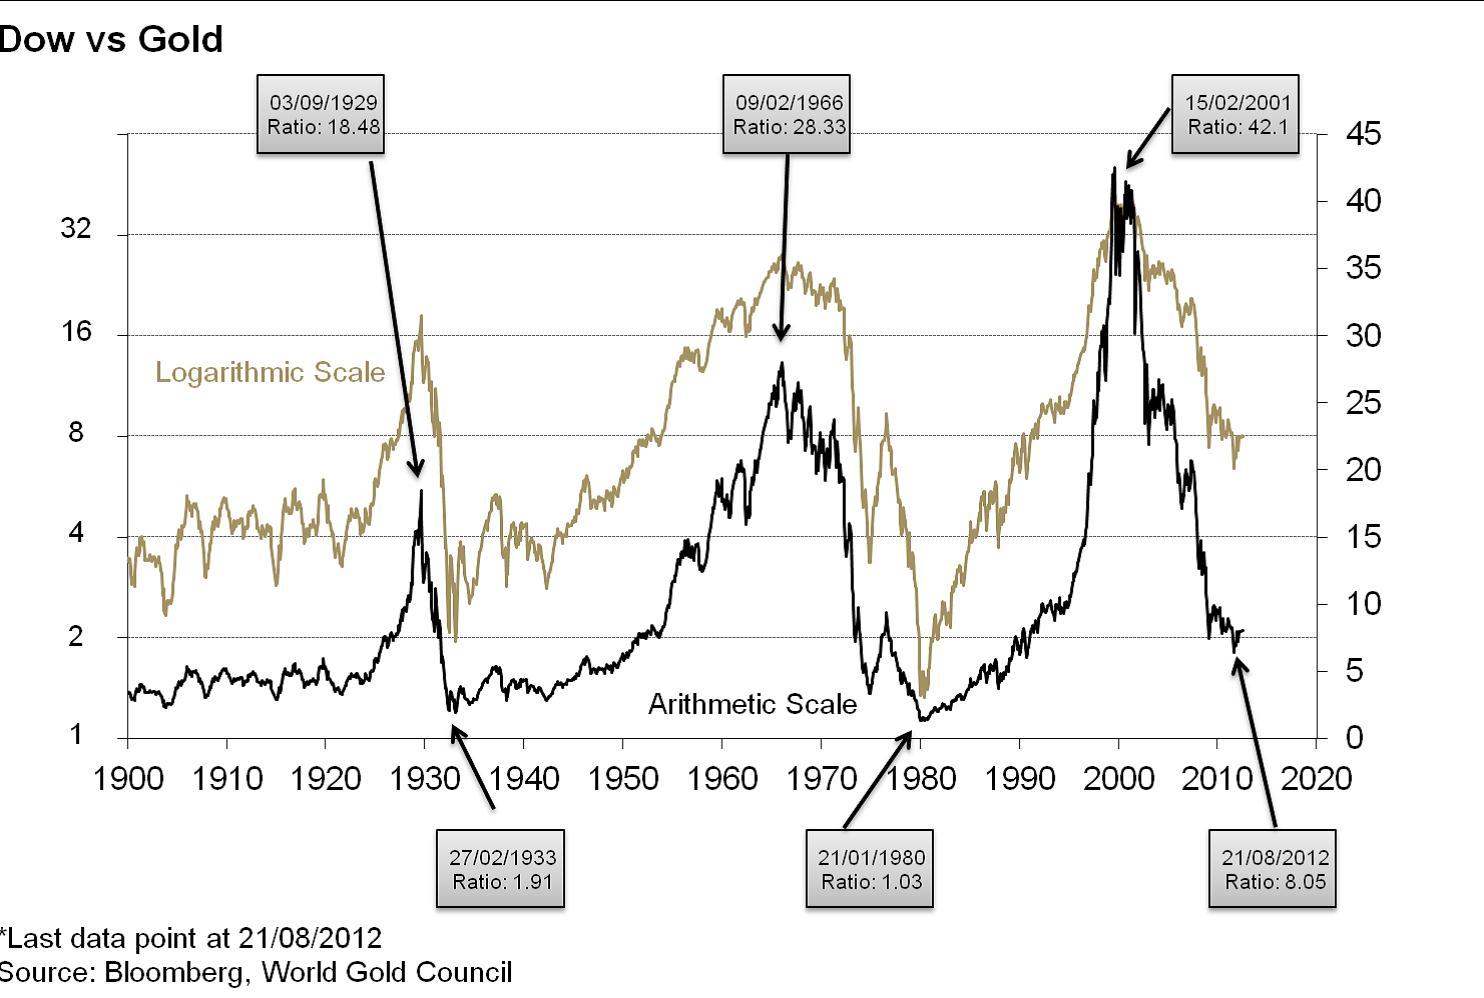 19. A Dow Jones/arany ráta alapján 13.000 dollárig is drágulhat a sárga nemesfém; Forrás: Pierre Lassonde-Gold Forum Denver 2012, Conclude Zrt.